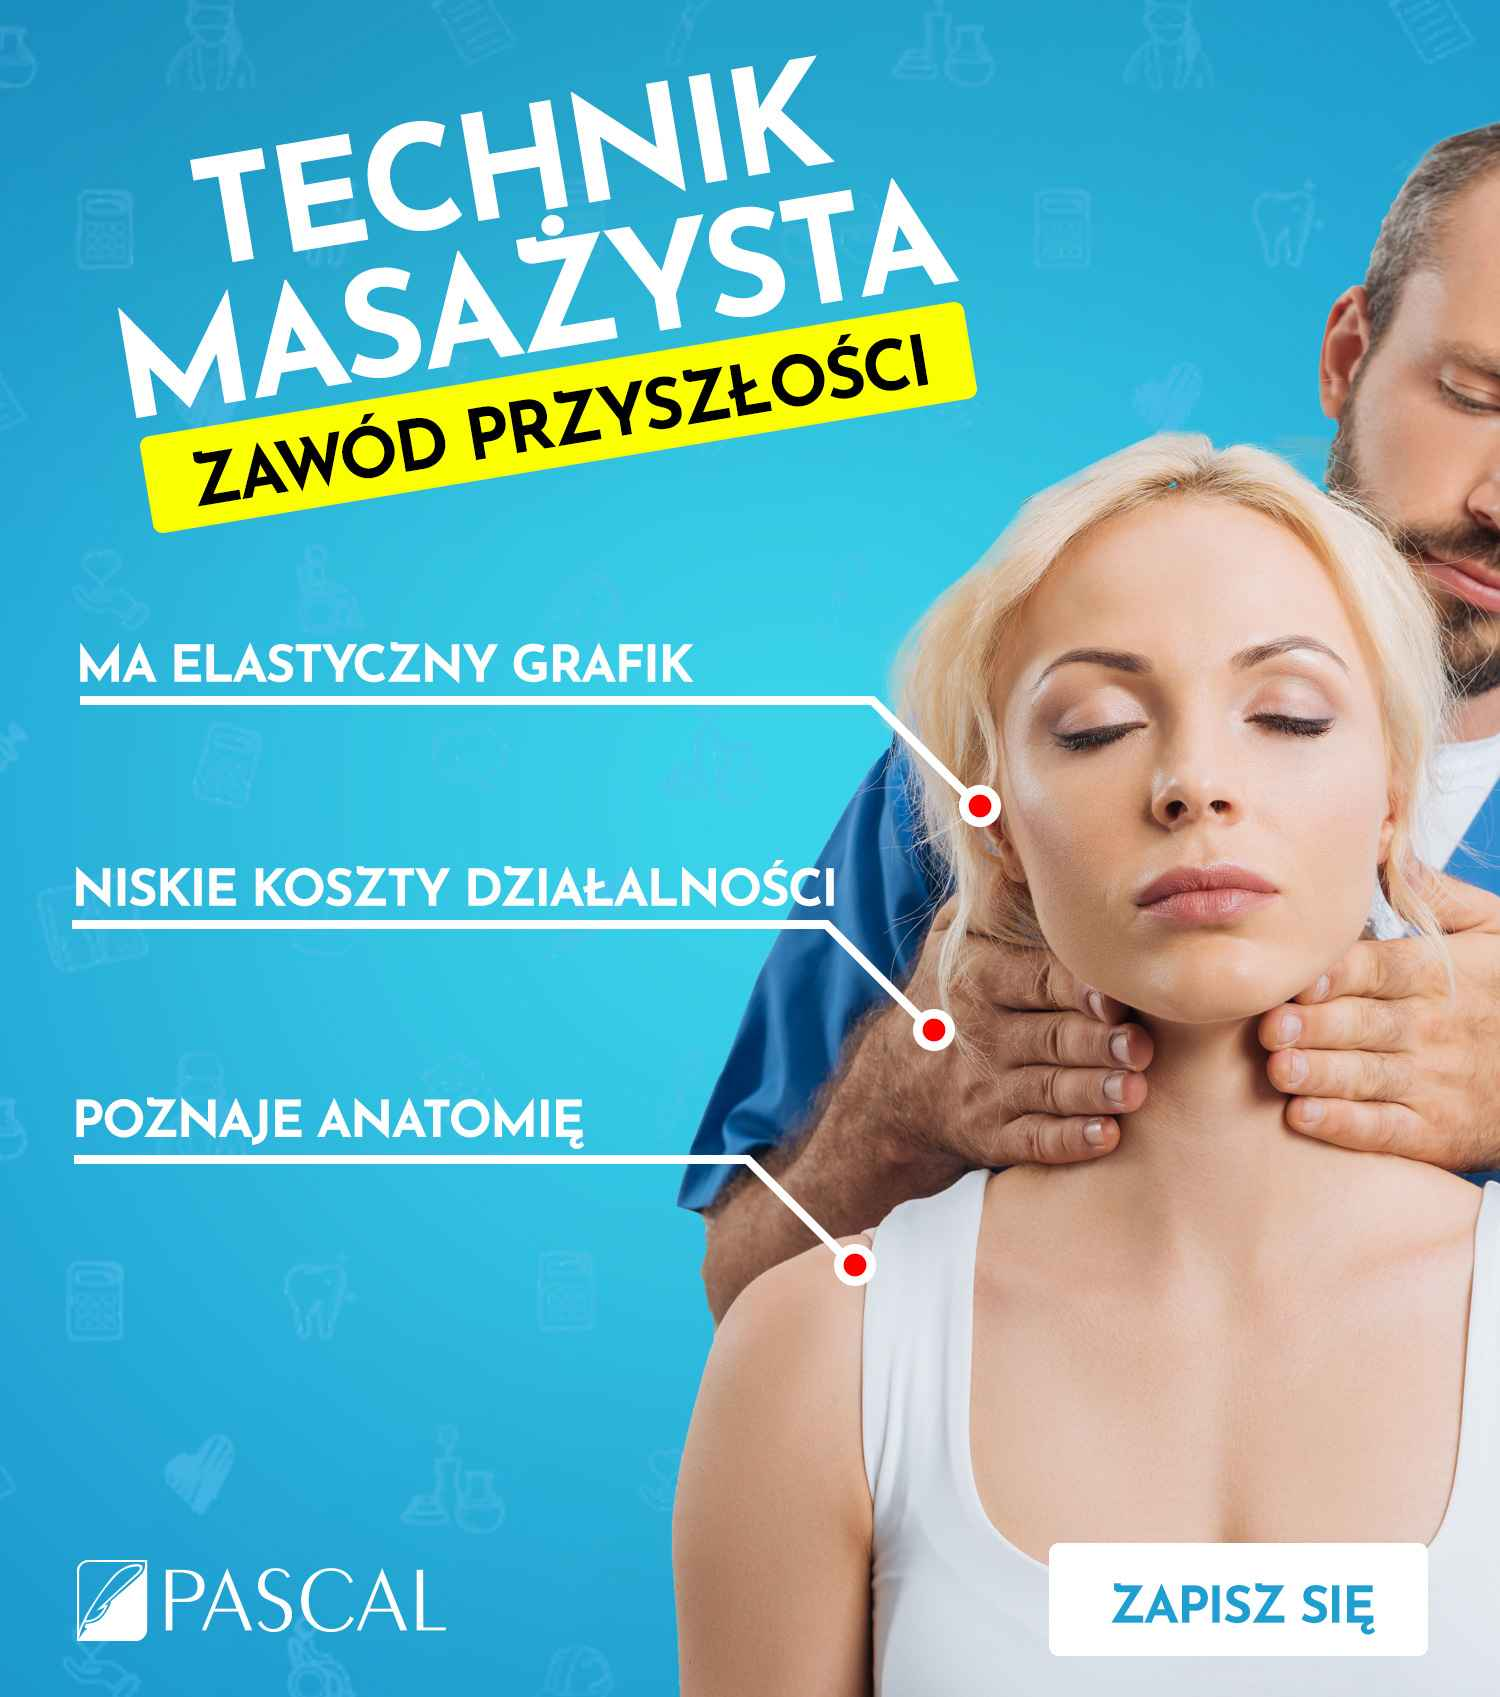 Kwalifikacje w zawodach medycznych za 0 zł ! Płock - zdjęcie 4